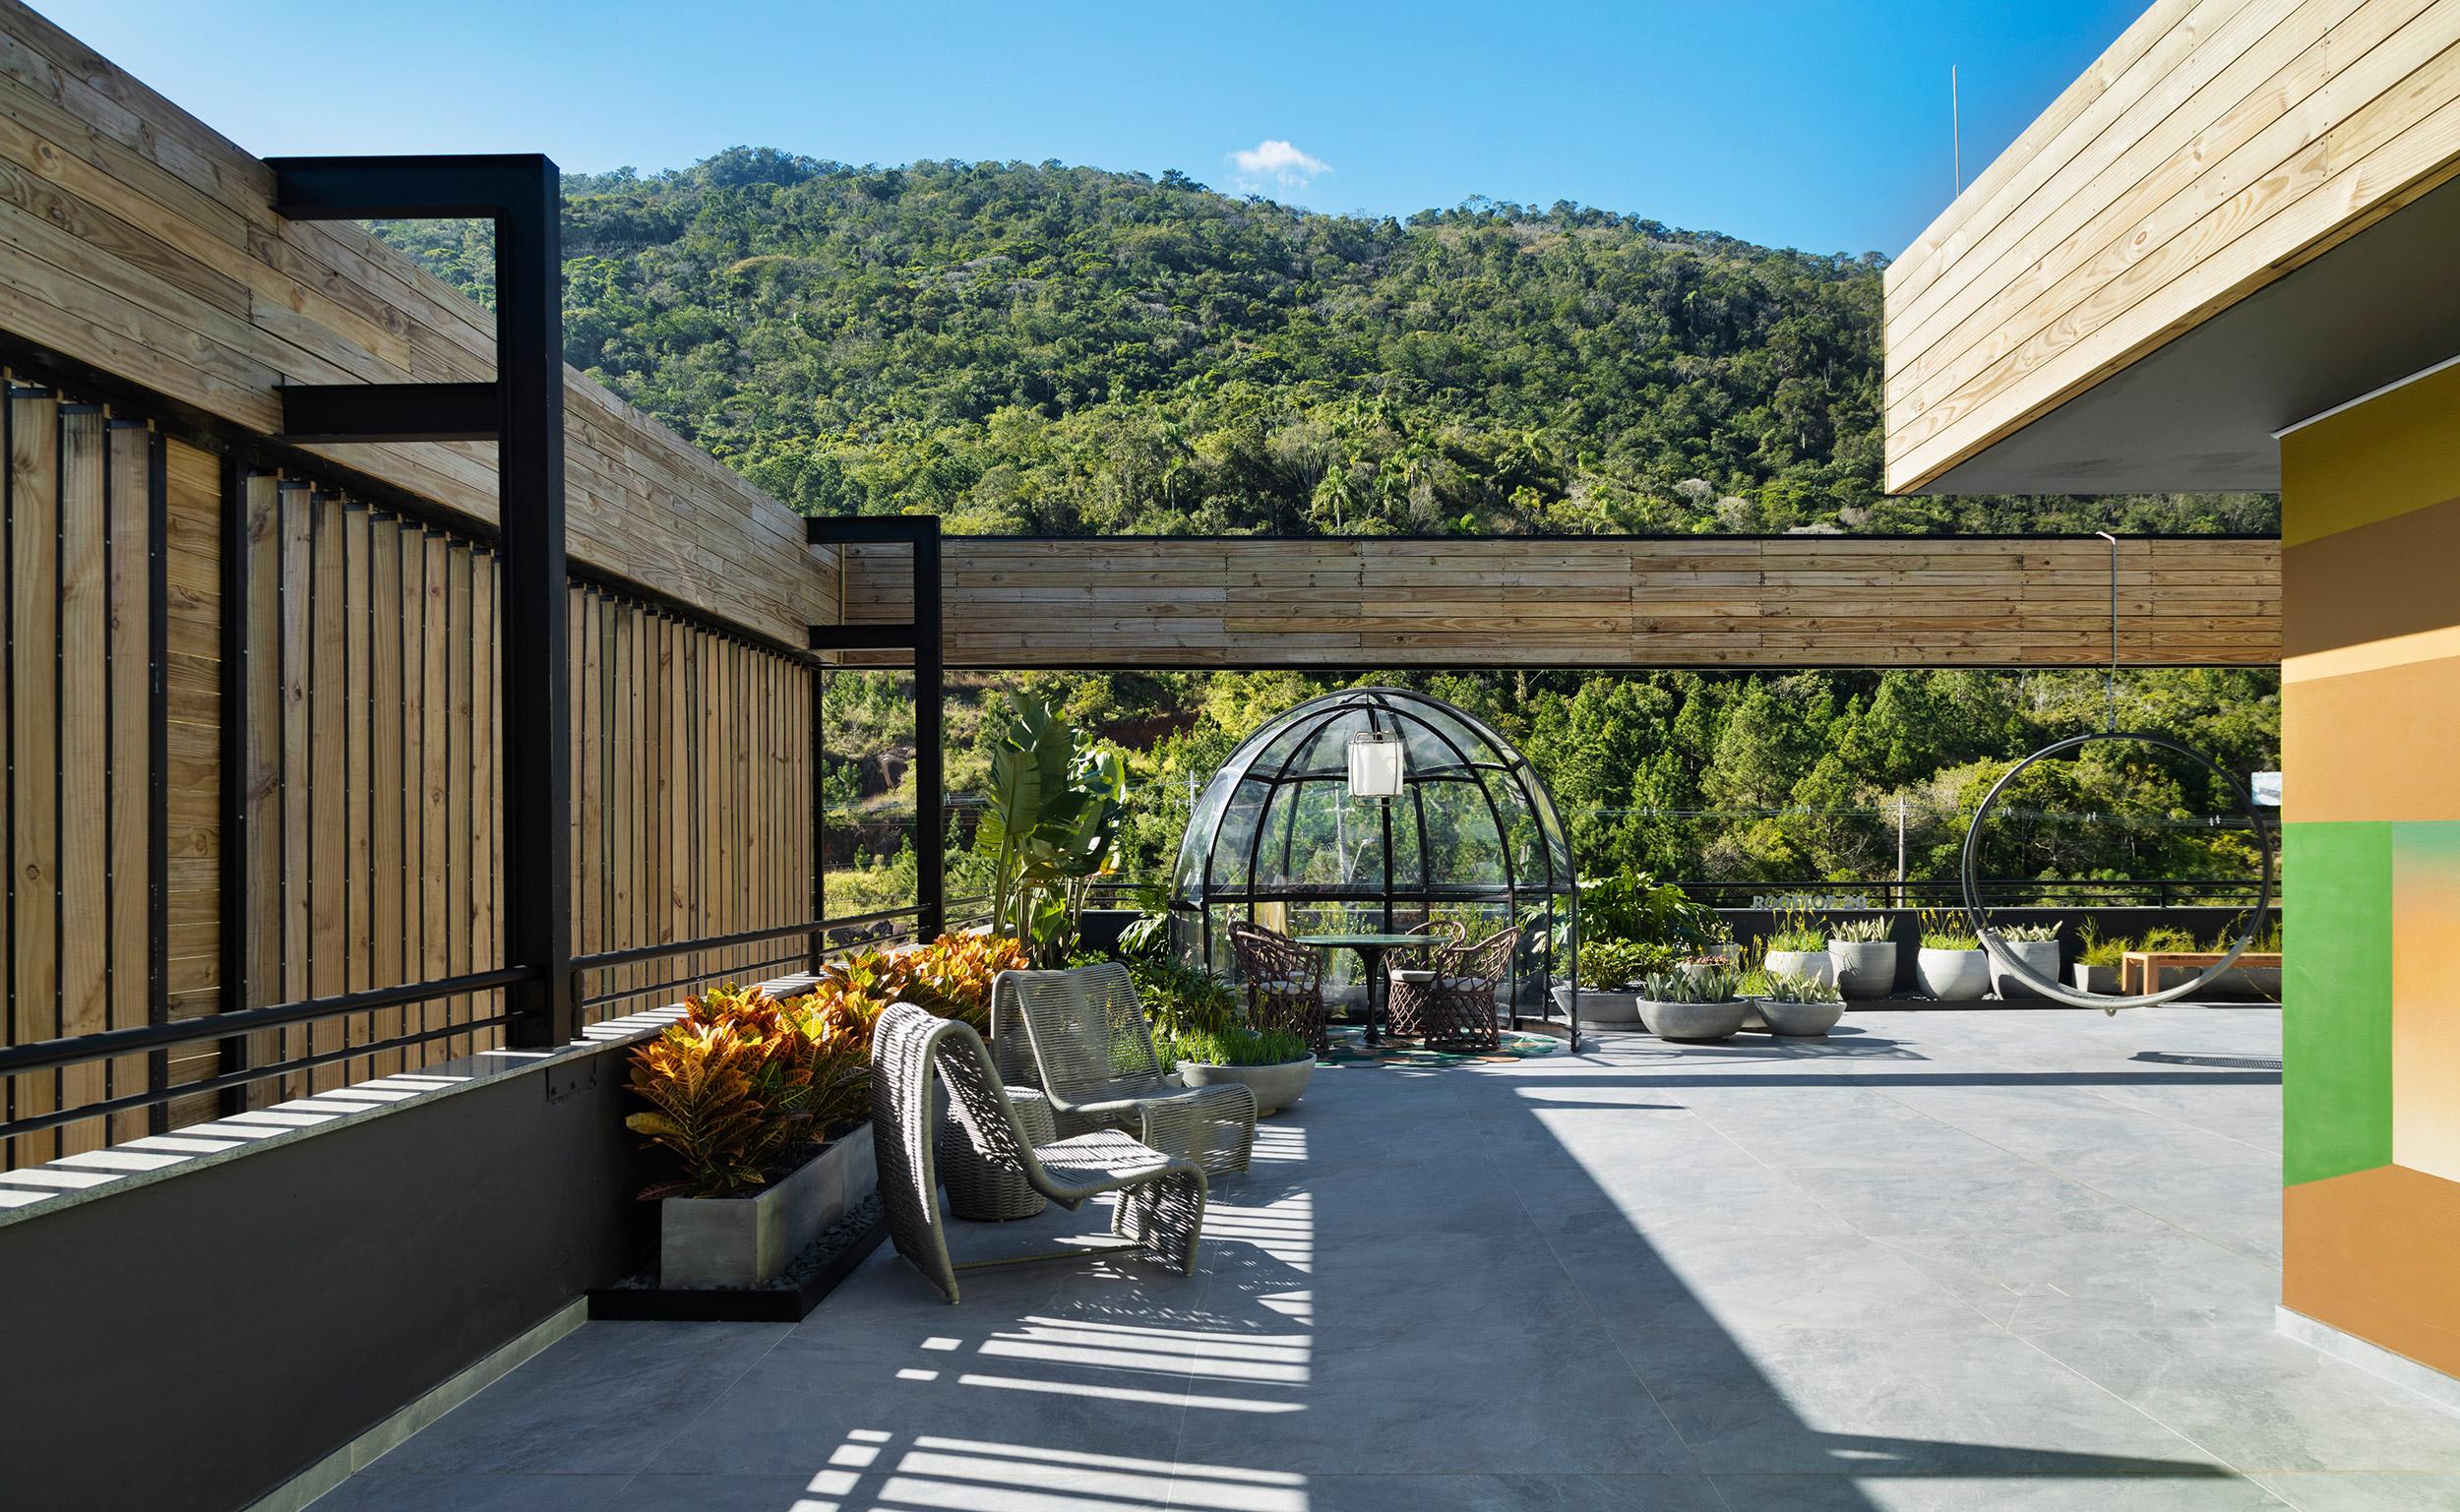 Rooftop, projeto de Ana Trevisan para a CASACOR Santa Catarina Florianópolis 2021